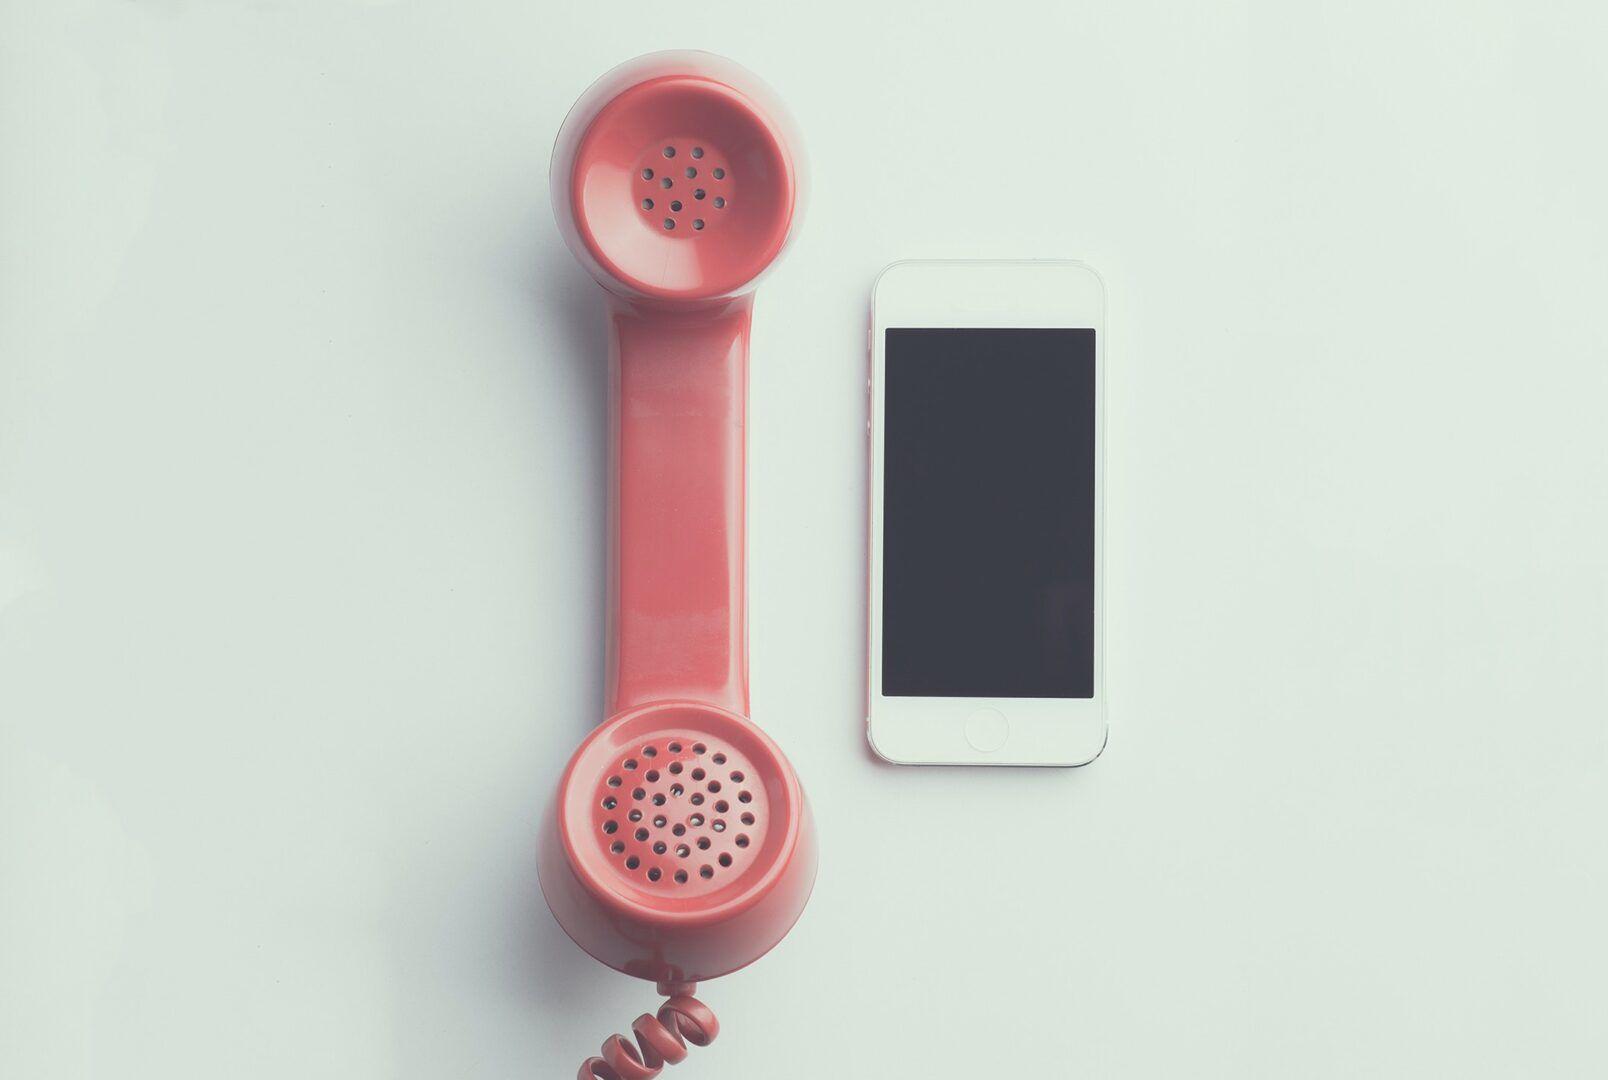 Invenção do telefone - origem do aparelho tecnológico